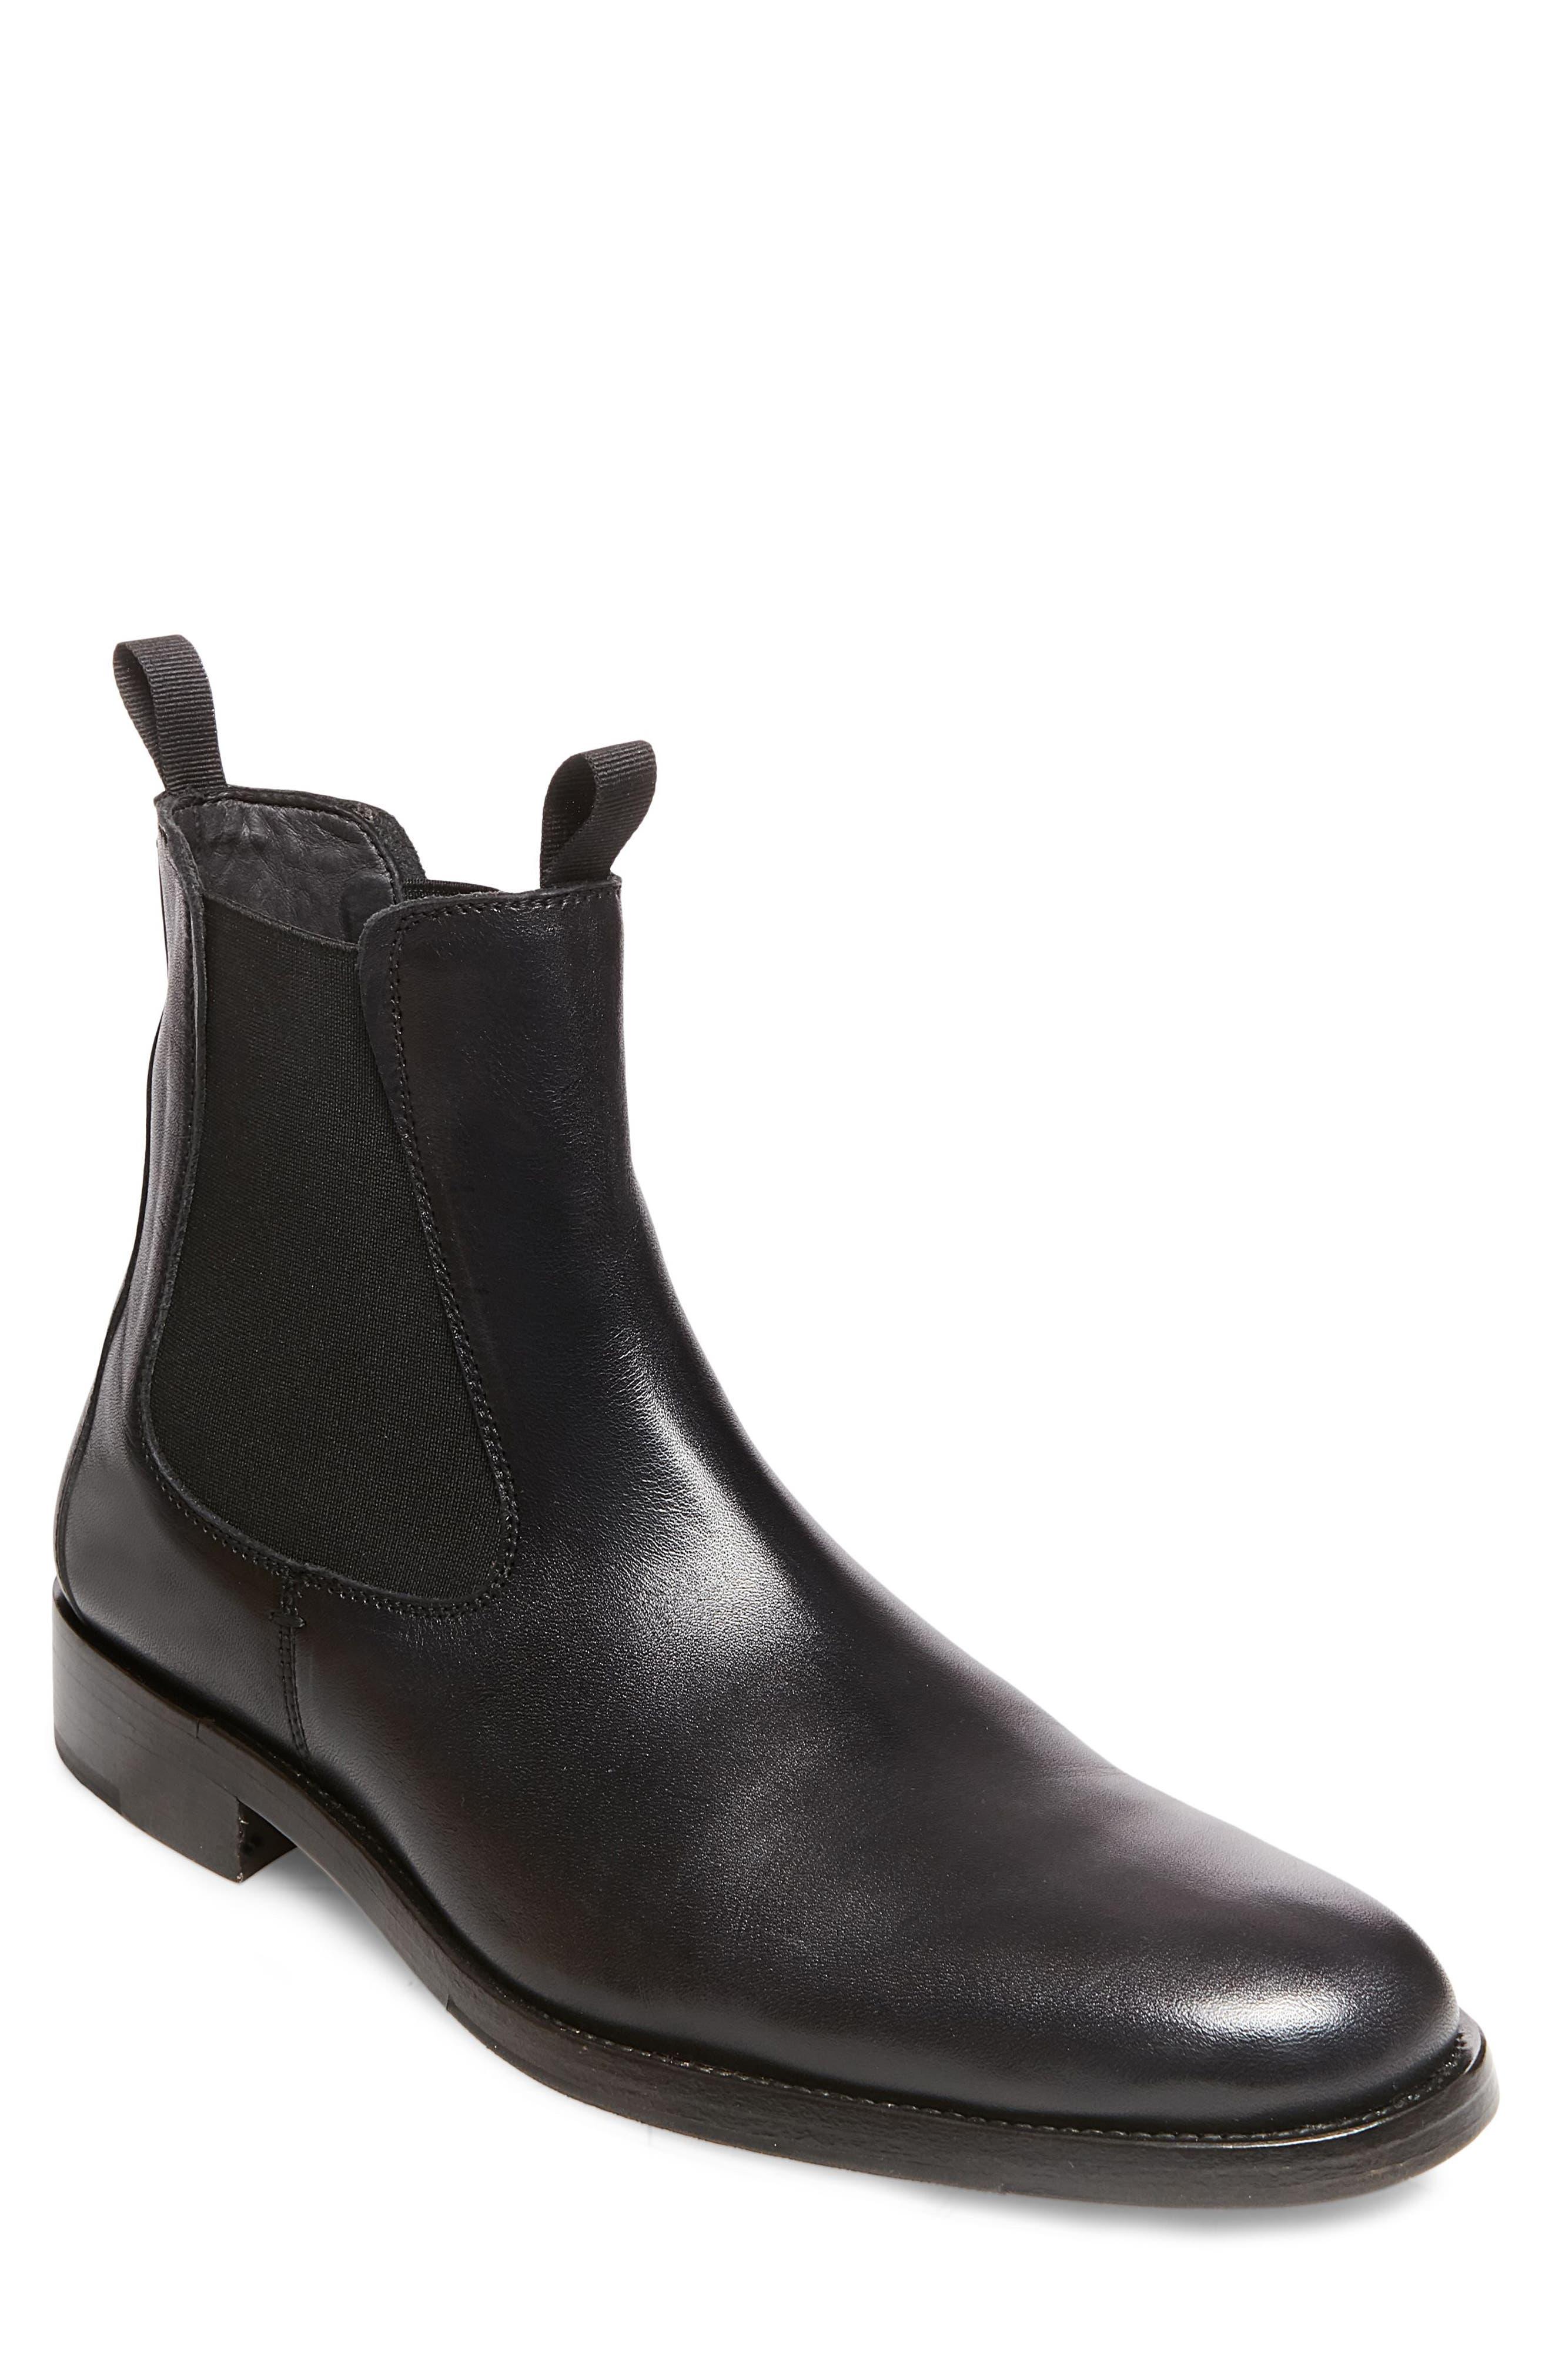 Steve Madden x GQ Nick Chelsea Boot (Men)